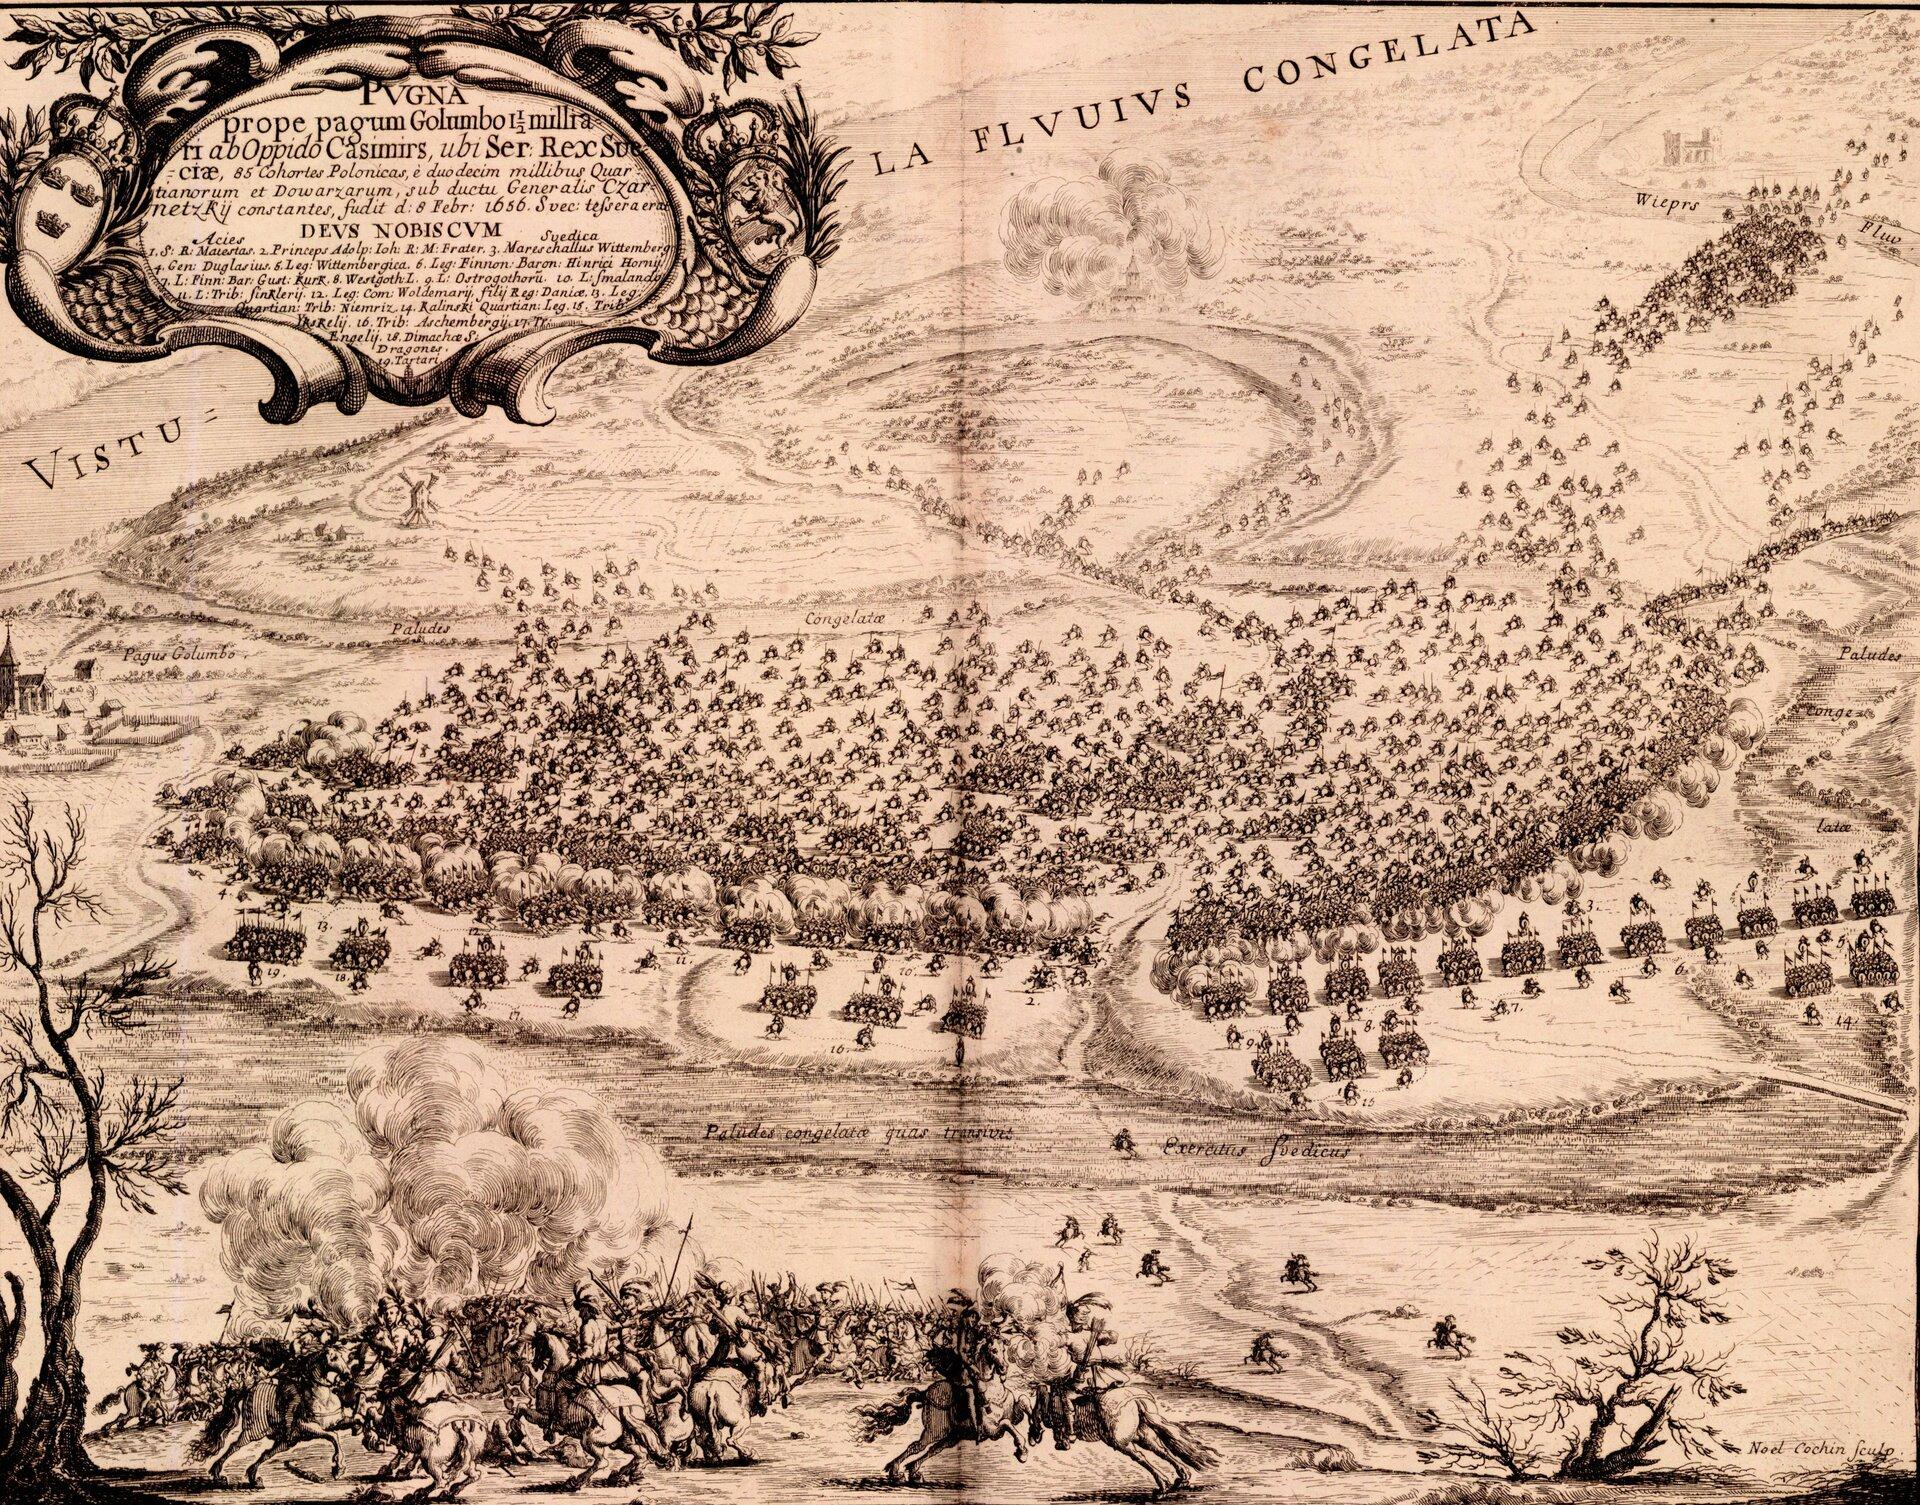 Samuel von Pufendorf, Oczynach Karola Gustawa, króla Szwecji, komentarzy ksiąg siedem, Norymberga 1696 19 lutego 1656 roku pod Gołębiemdoszło do starcia wojsk szwedzkichdowodzonych przezKarolaGustawa zsiłami Stefana Czarnieckiego.Początkowe sukcesy strony polskiejzałamały się wogniu spieszonej dragonii szwedzkiej. Próba oskrzydlenia podjęta przez oddziały szwedzkie,grożąca Polakom odcięciem jedynej drogi odwrotu za Wieprz, zmusiła wojska Czarnieckiego do ucieczki. Porażkę wtej bitwie uważa się za największą klęskę Czarnieckiego, trudno się jednak ztym zgodzić, gdyżjuż po kilku dniach Czarniecki zebrał swe rozproszone oddziały imógł dalej prowadzić działania militarne. Zwycięska bitwa zaśnie poprawiła sytuacji Karola Gustawa. Za ciekawostkę można uznać fakt, że wtej bitwie po stronie szwedzkiej walczył późniejszy król Jan III Sobieski. Źródło: Erik Dahlbergh, Samuel von Pufendorf, Oczynach Karola Gustawa, króla Szwecji, komentarzy ksiąg siedem, Norymberga 1696, 1696, domena publiczna.